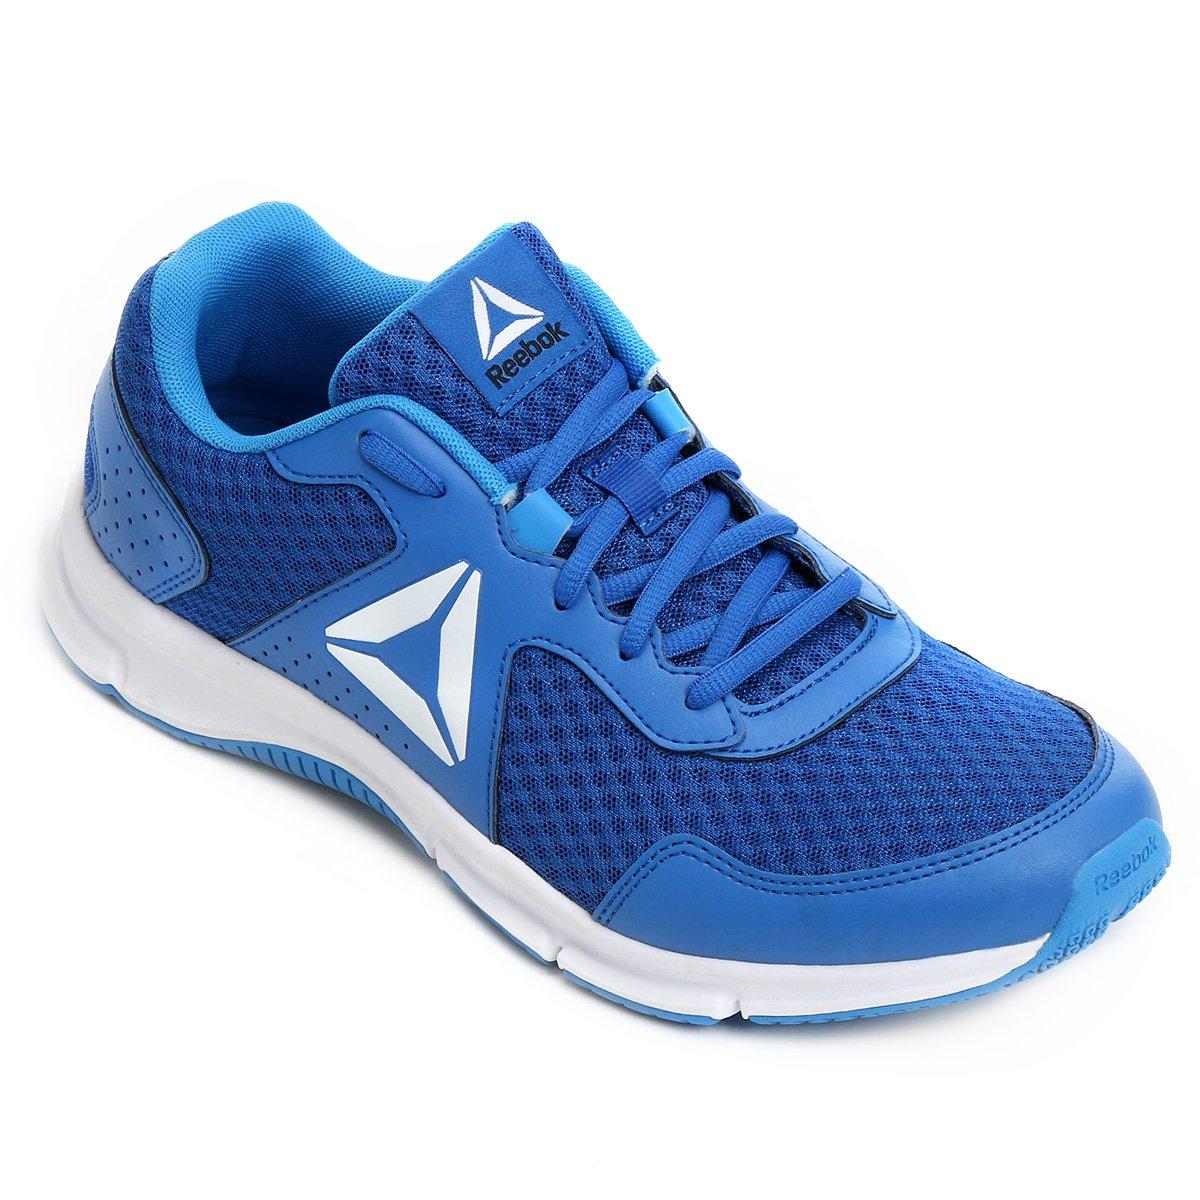 82fd6b58b84 Tênis Reebok Canton Runner Masculino - Azul e Branco - Compre Agora ...